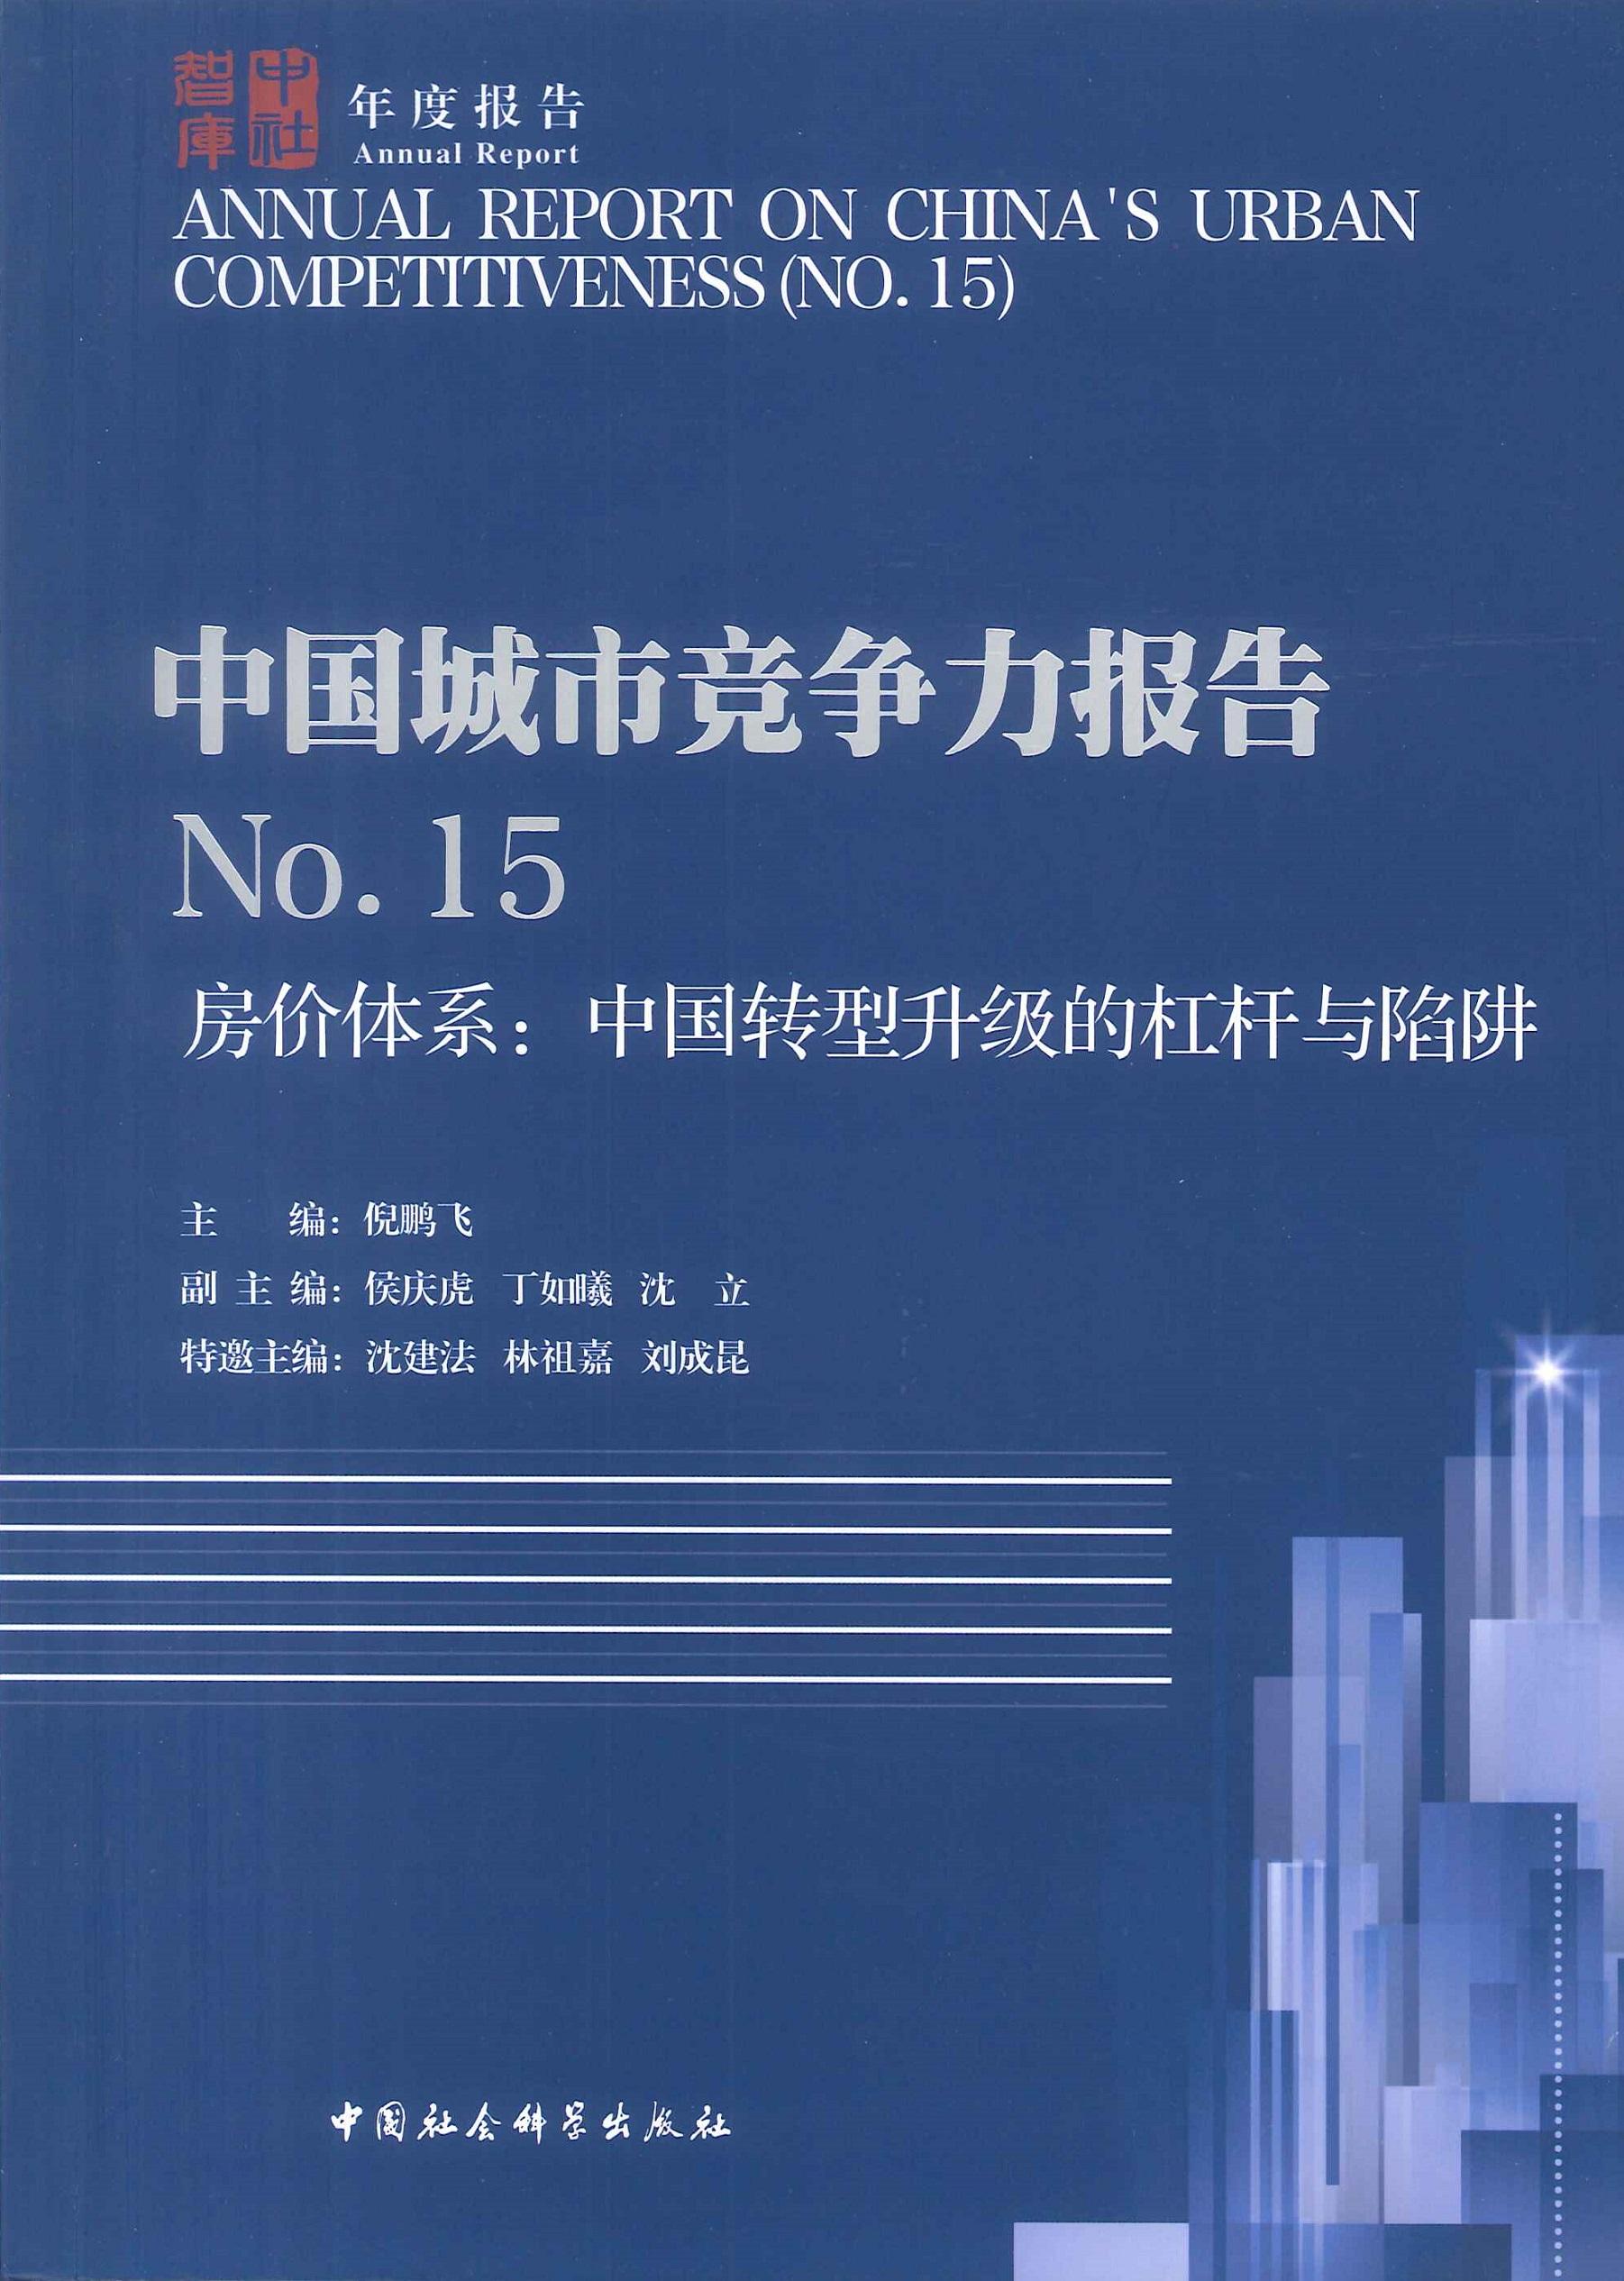 中国城市竞争力报告.房价体系:中国转型升级的杠杆与陷阱.15=Annual report on China